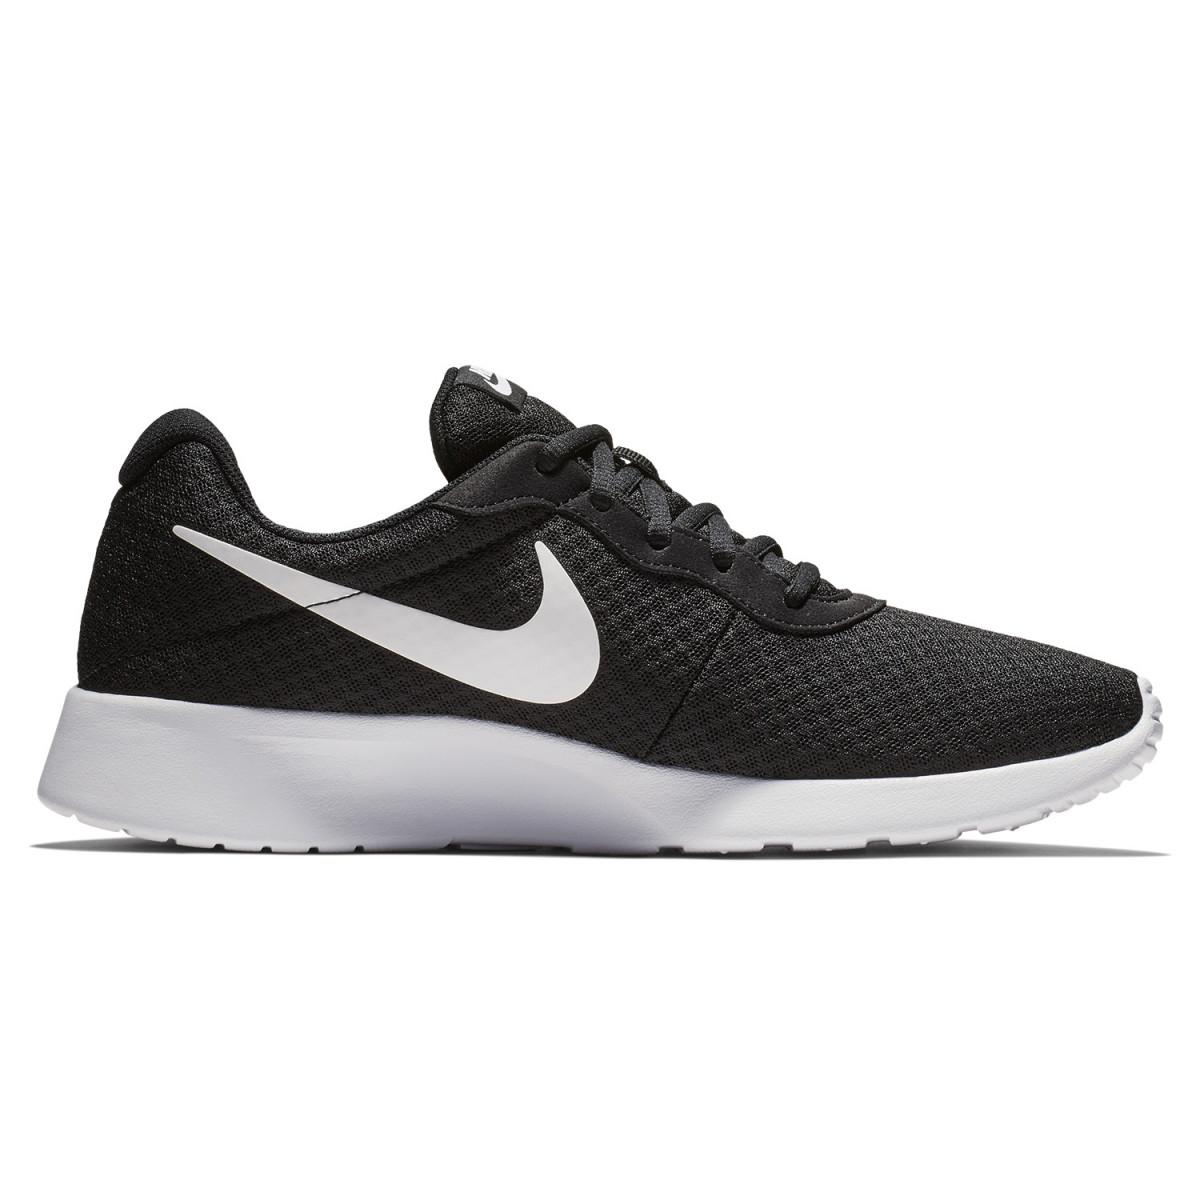 official photos 4dce4 50f21 Zapatillas Nike Tanjun